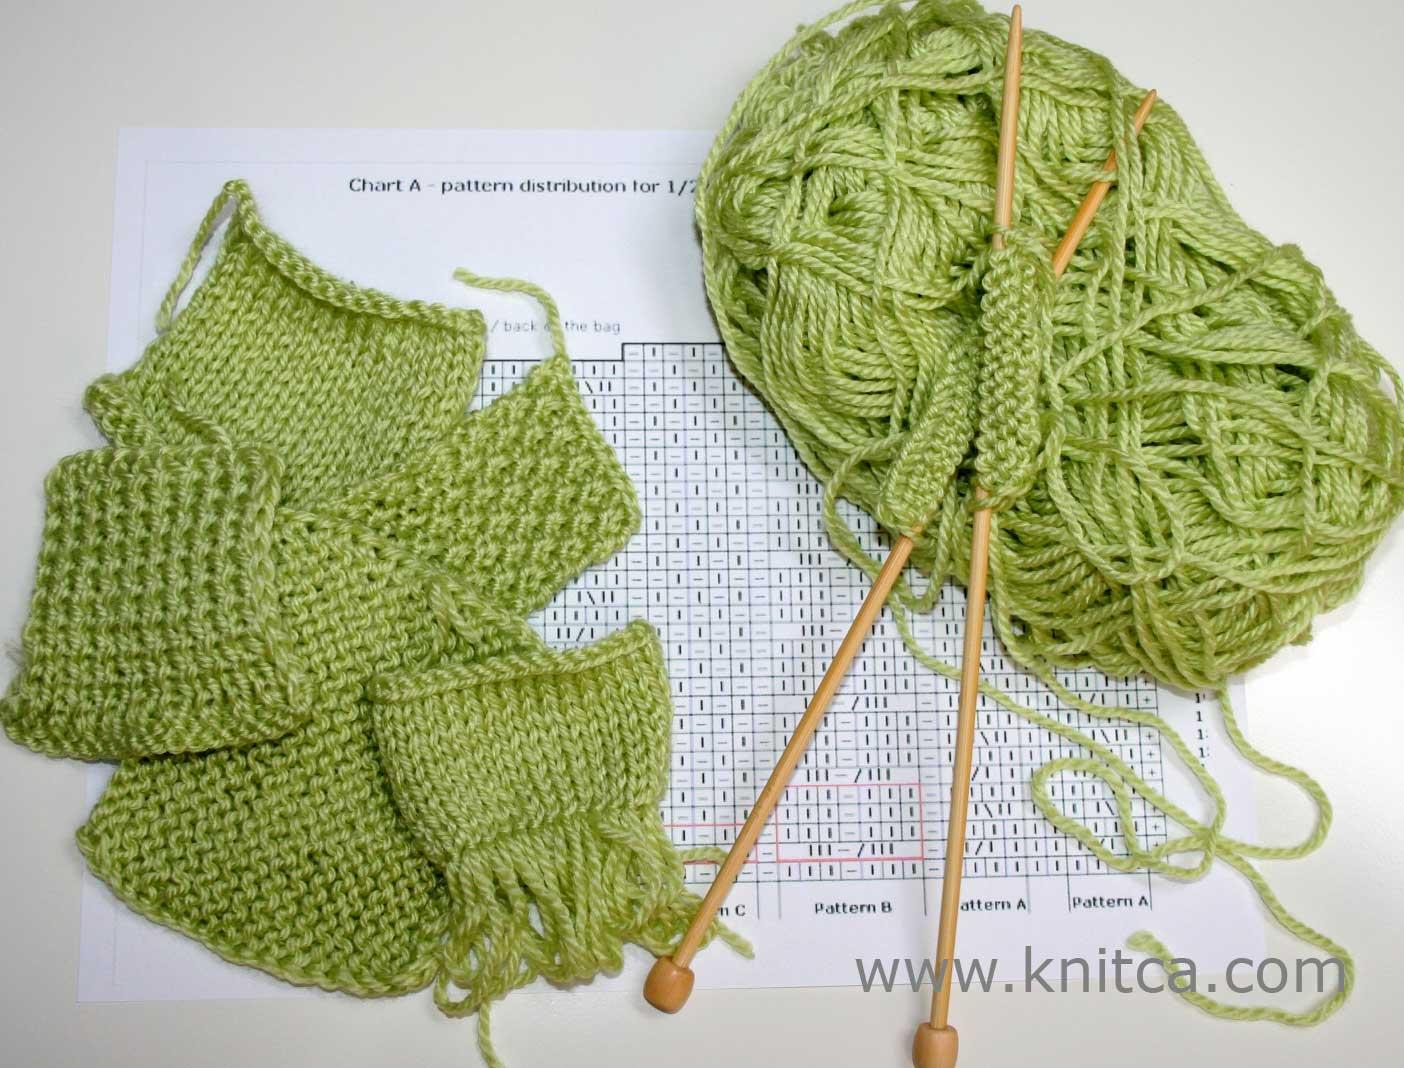 Knitting Pattern Says No Stitch : knitca: Stitch Pattern Library